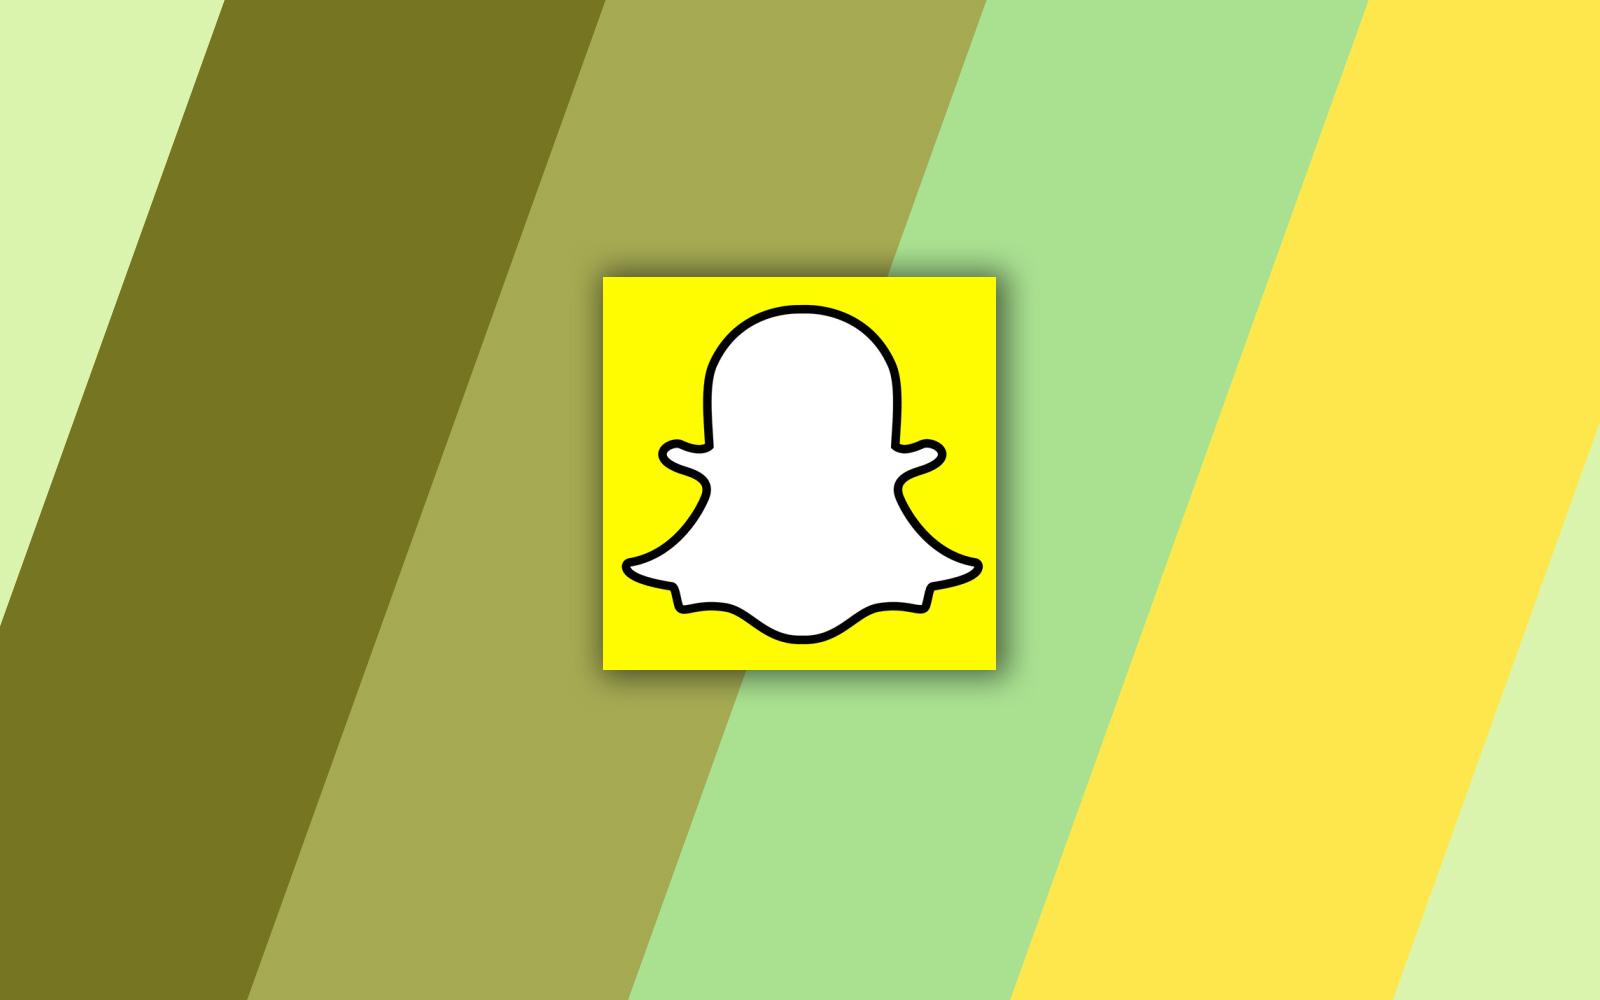 Di mana Emoji Hati Snapchat Saya Pergi?